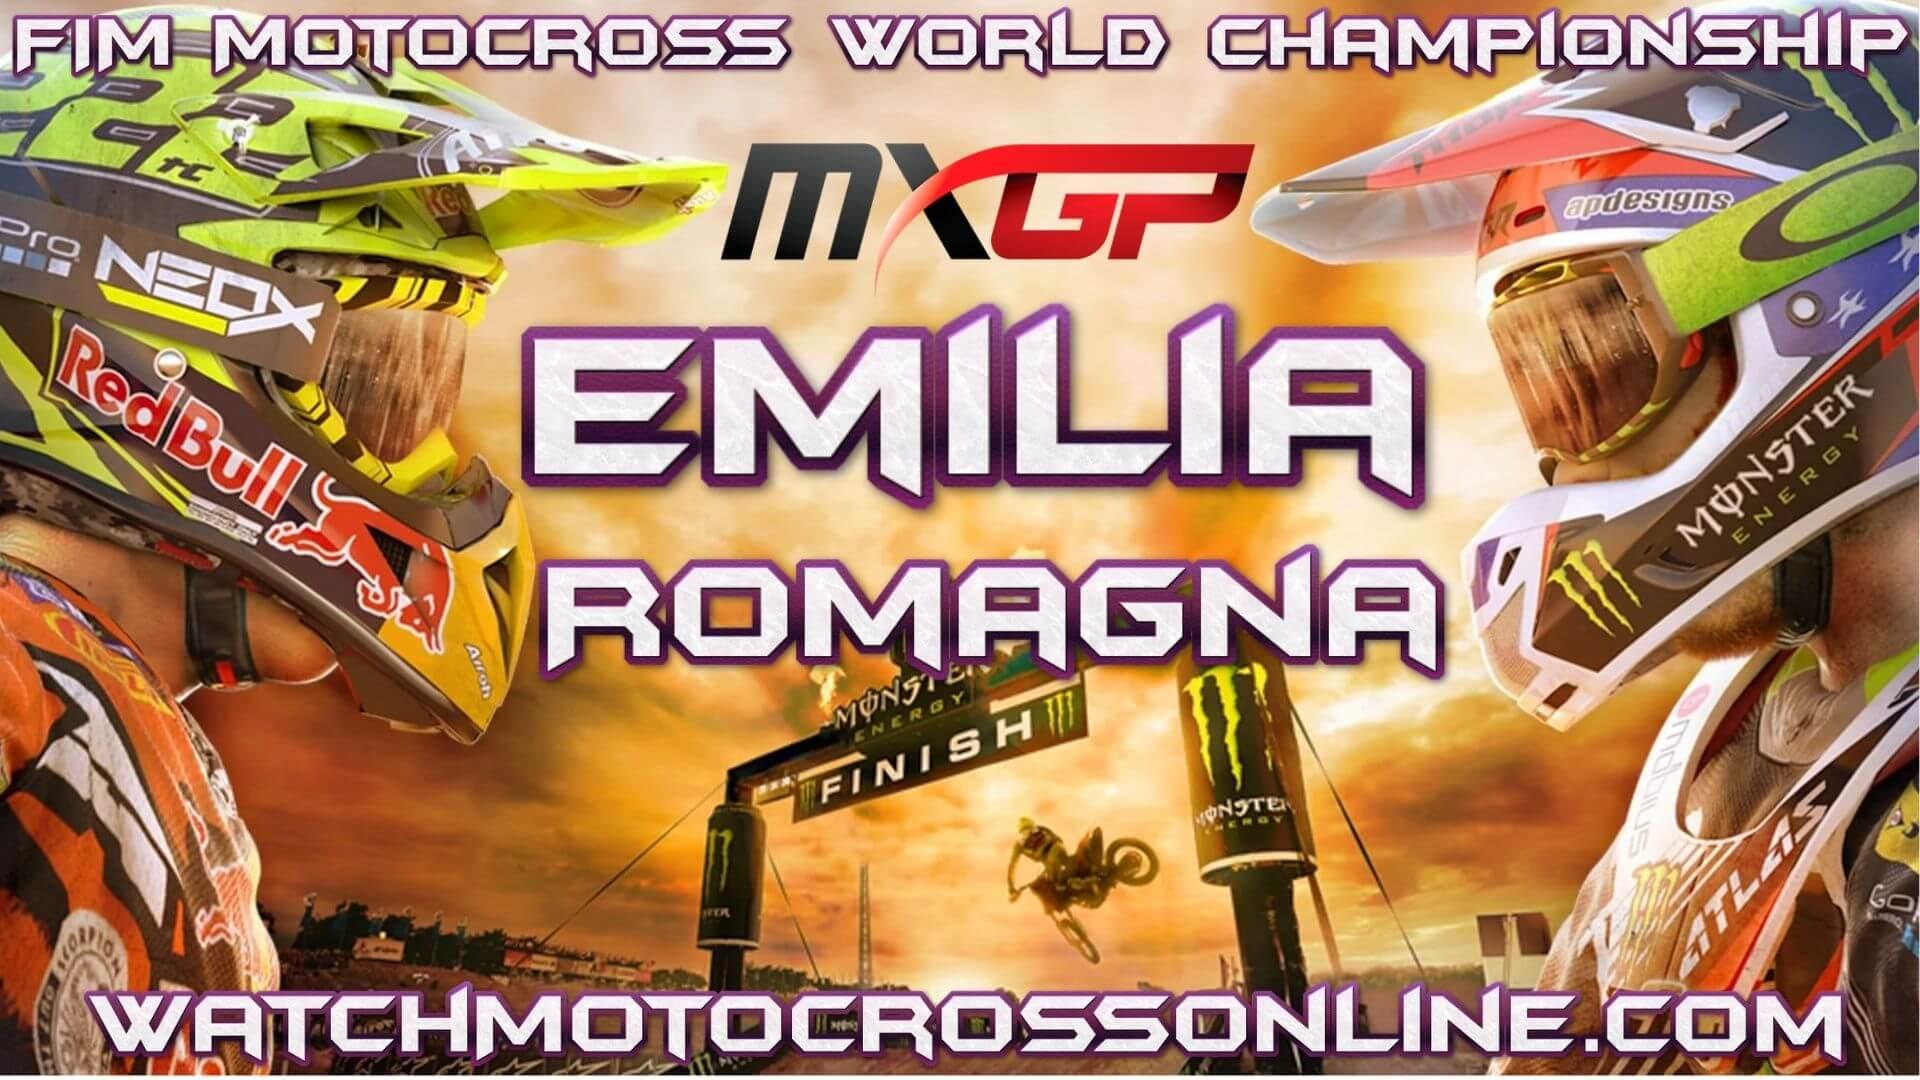 MXGP of Emilia Romagna Live Stream 2020